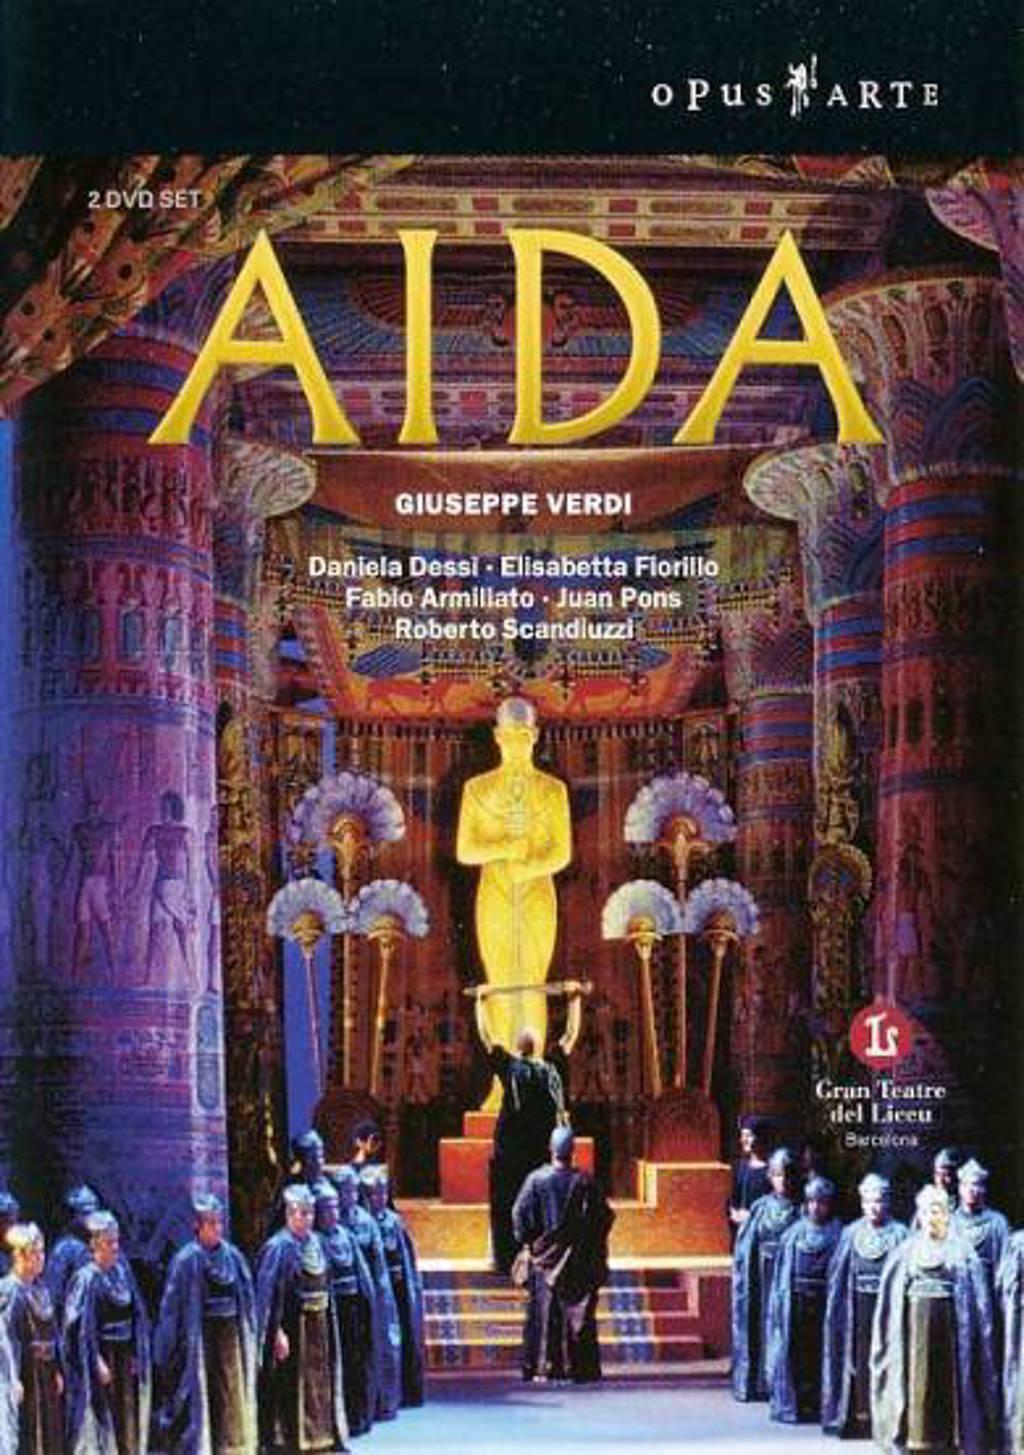 Dessi/Fiorillo/Armiliato/Gran Teatr - Aida (DVD)